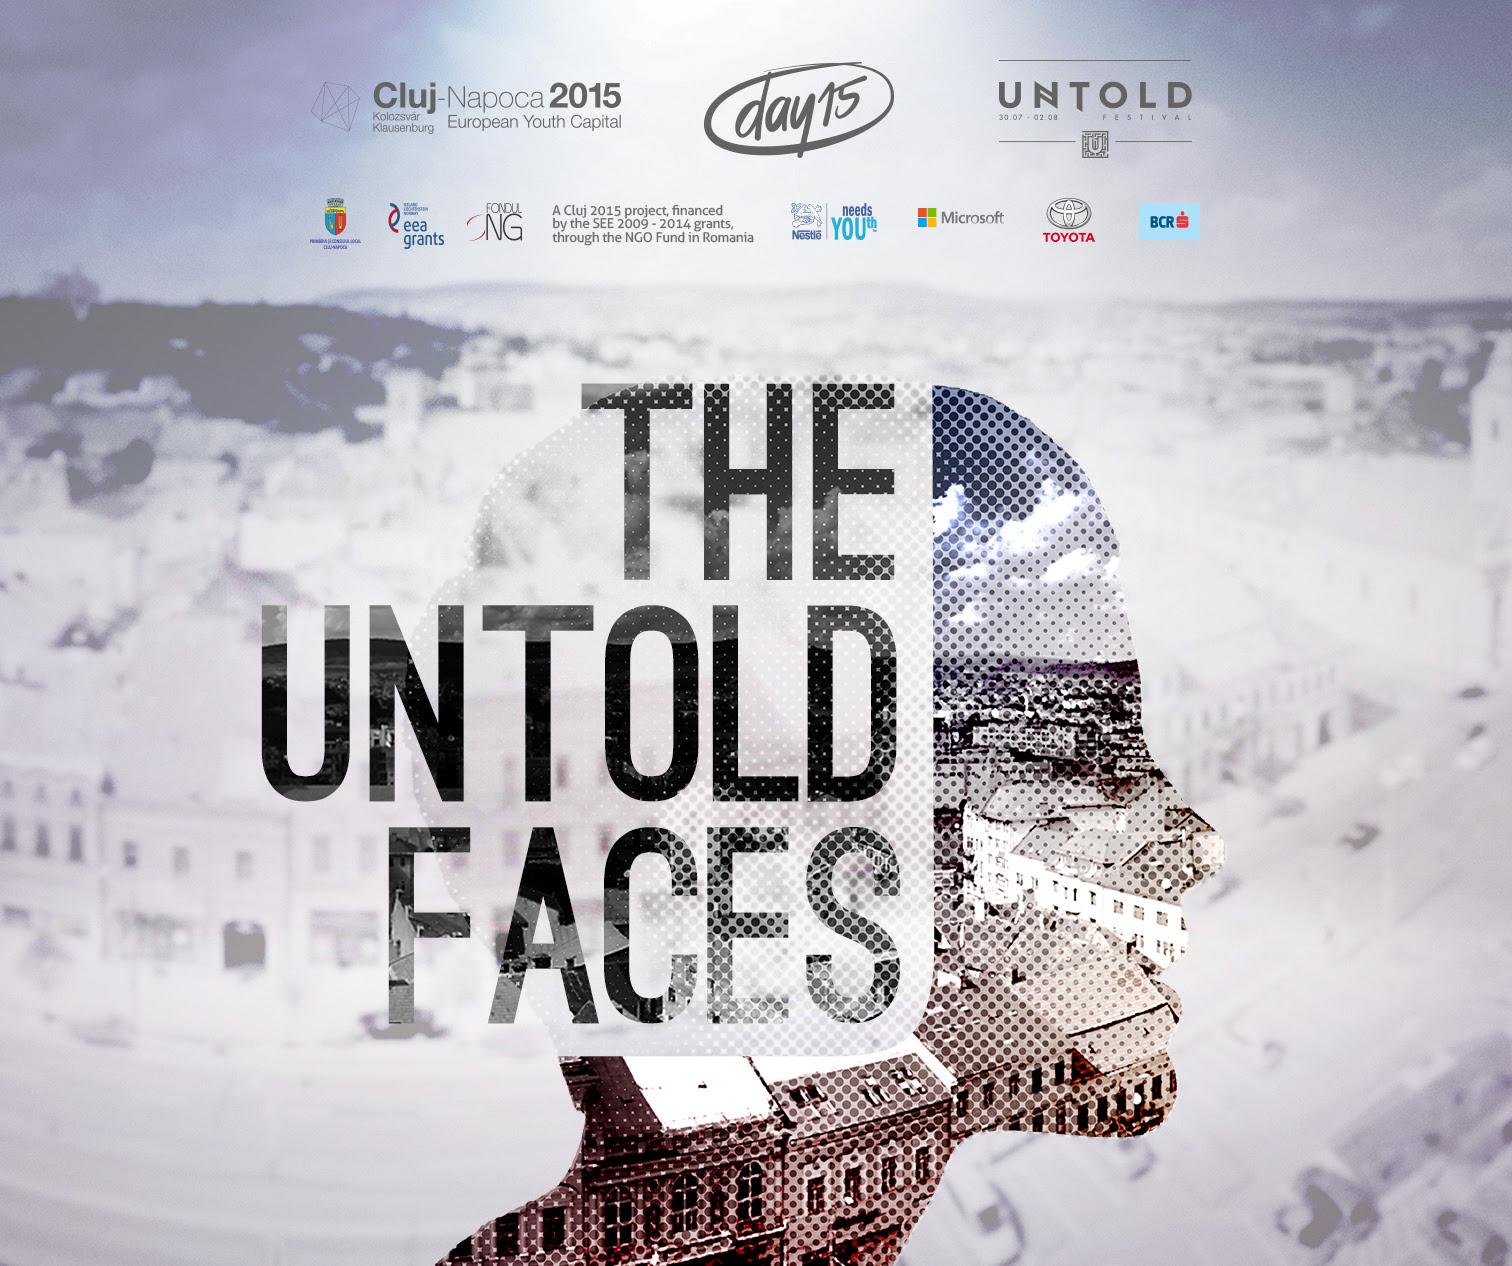 untold faces